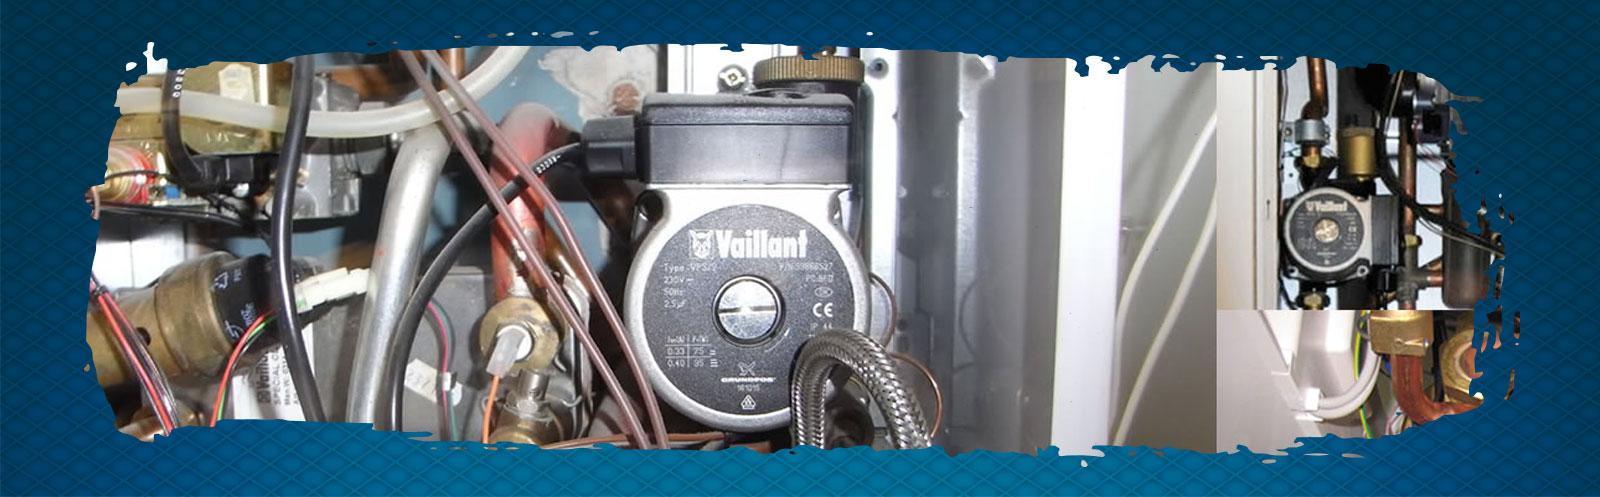 Boiler Installation Huddersfield